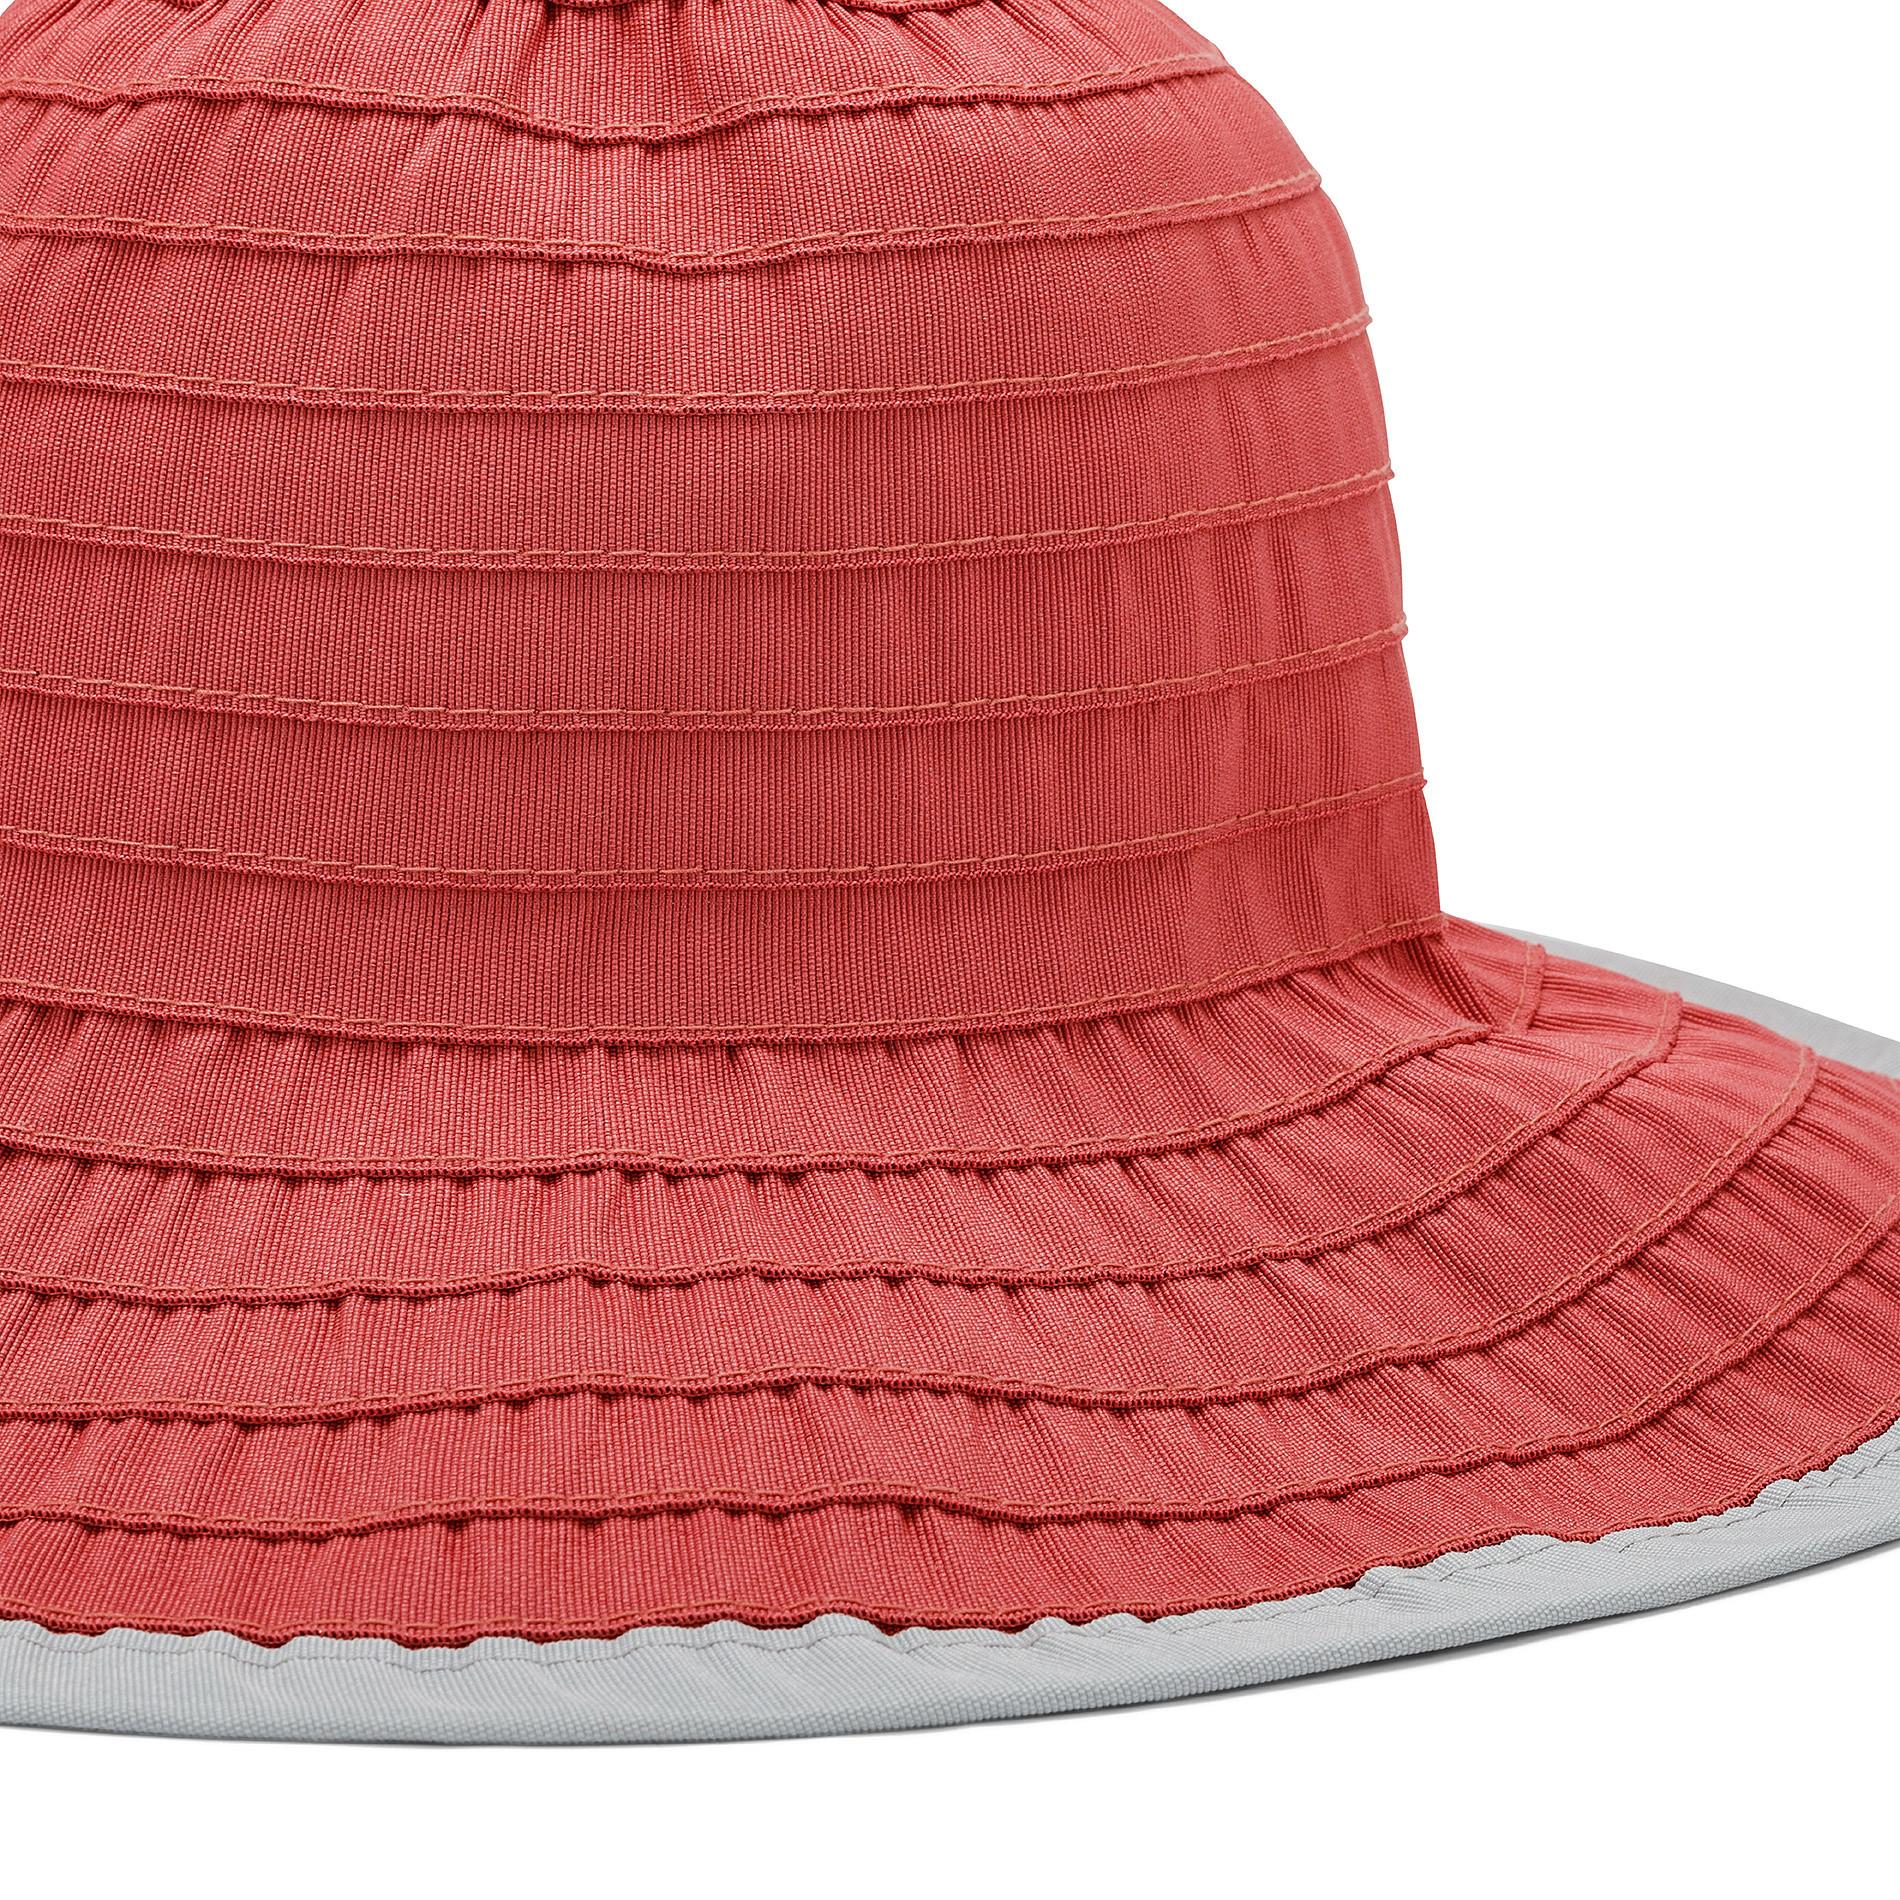 Cappello con effetto riga Koan, Rosso, large image number 1